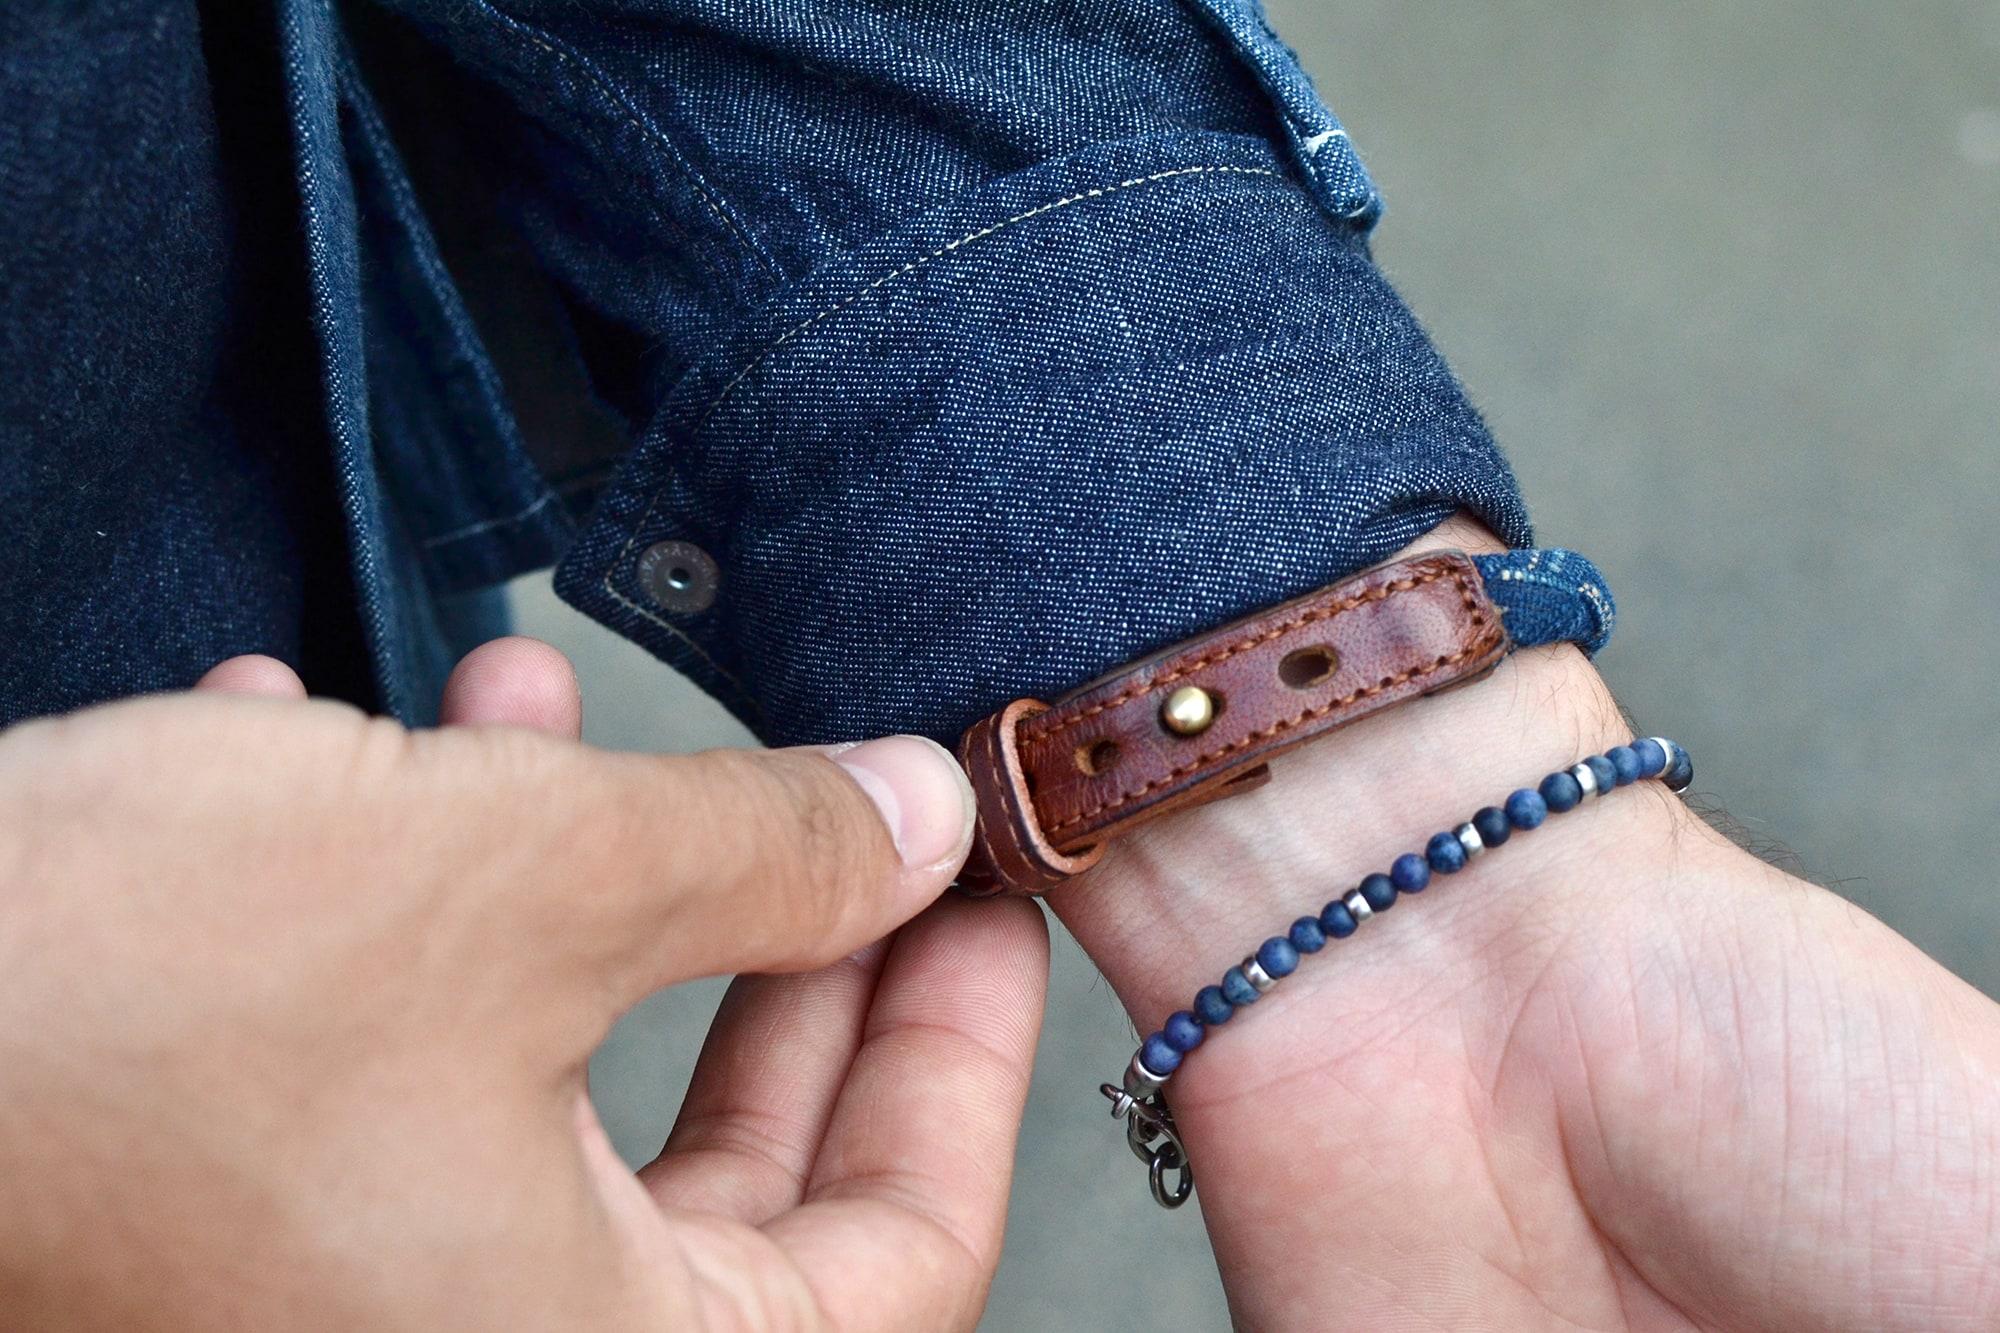 comment porter des bijoux bracelet pour homme avec un jeandDA en indigo tressé et une bracelet de pierre indigo fossil